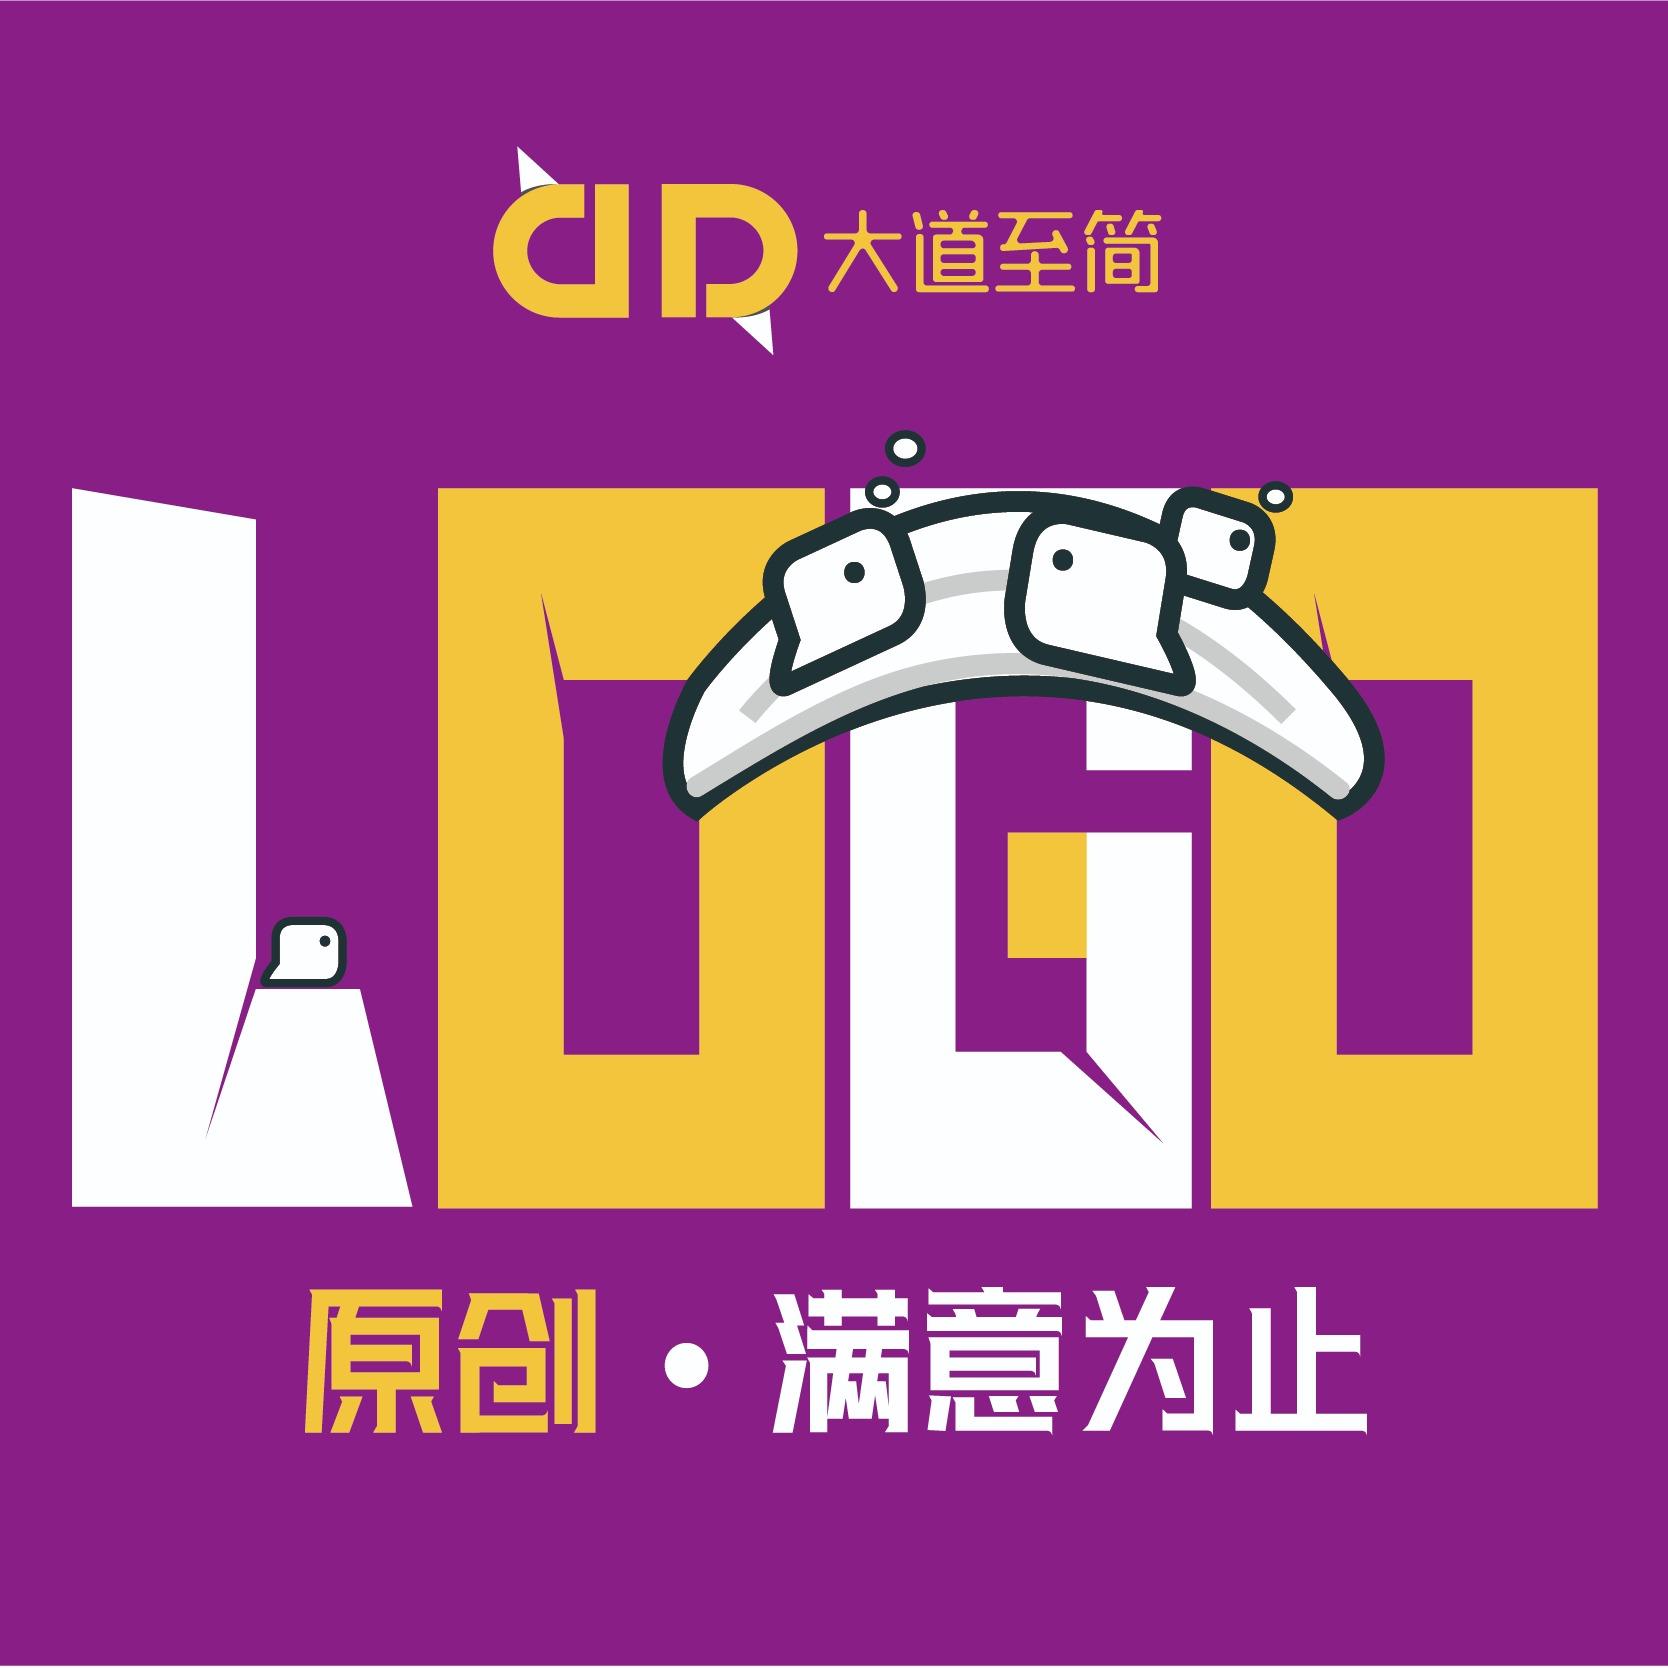 【销量过万】LOGO设计字母金融茶叶国外互联网火锅健身美容院